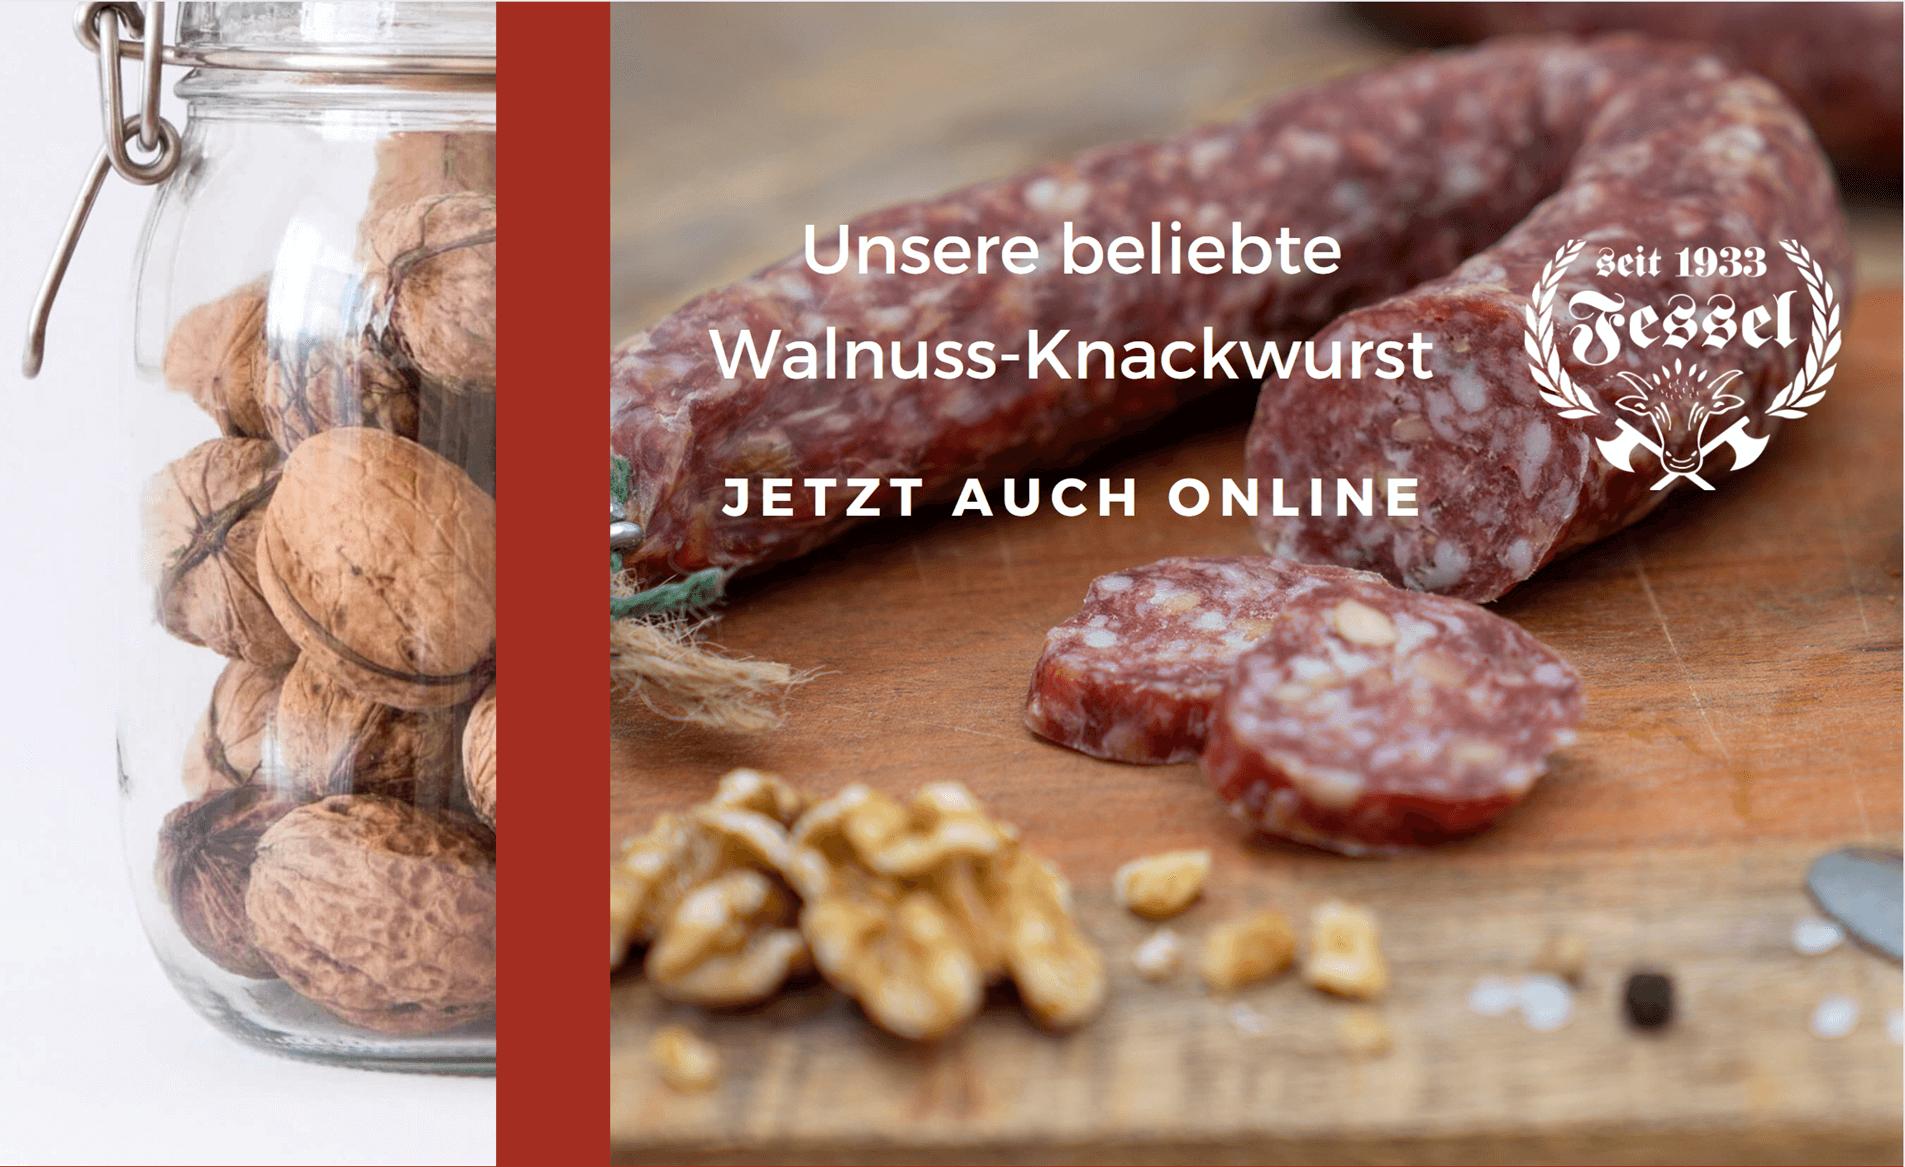 Fessels Walnussknackwurst auf einem Holzbrett. Auch im Bild ein Einmachglas mit Walsnüssen und das Logo der Fleischerei Fessel.